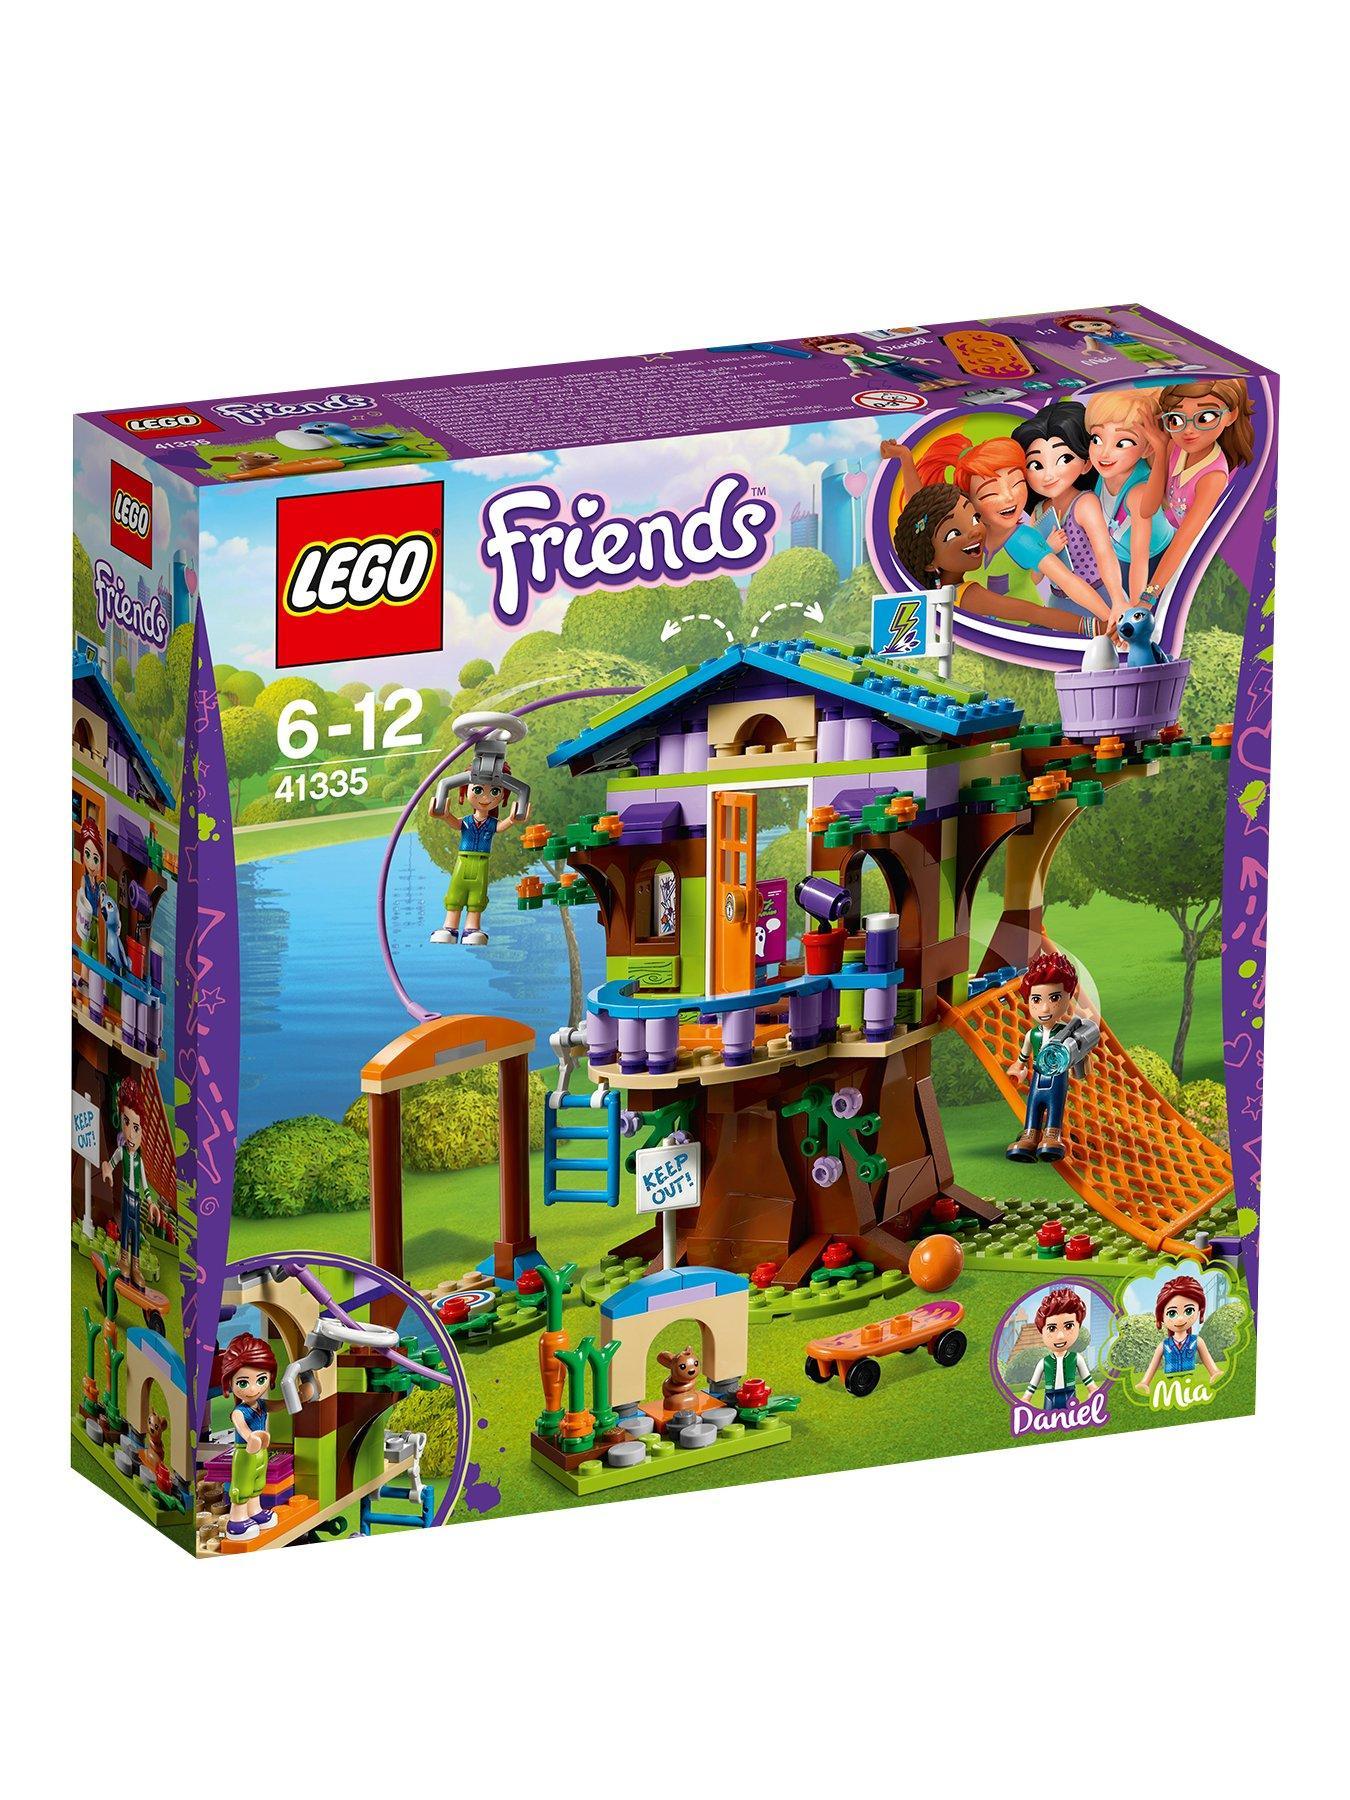 LEGO ® Minifigs-Friends-Frnd 267-Stephanie 41347